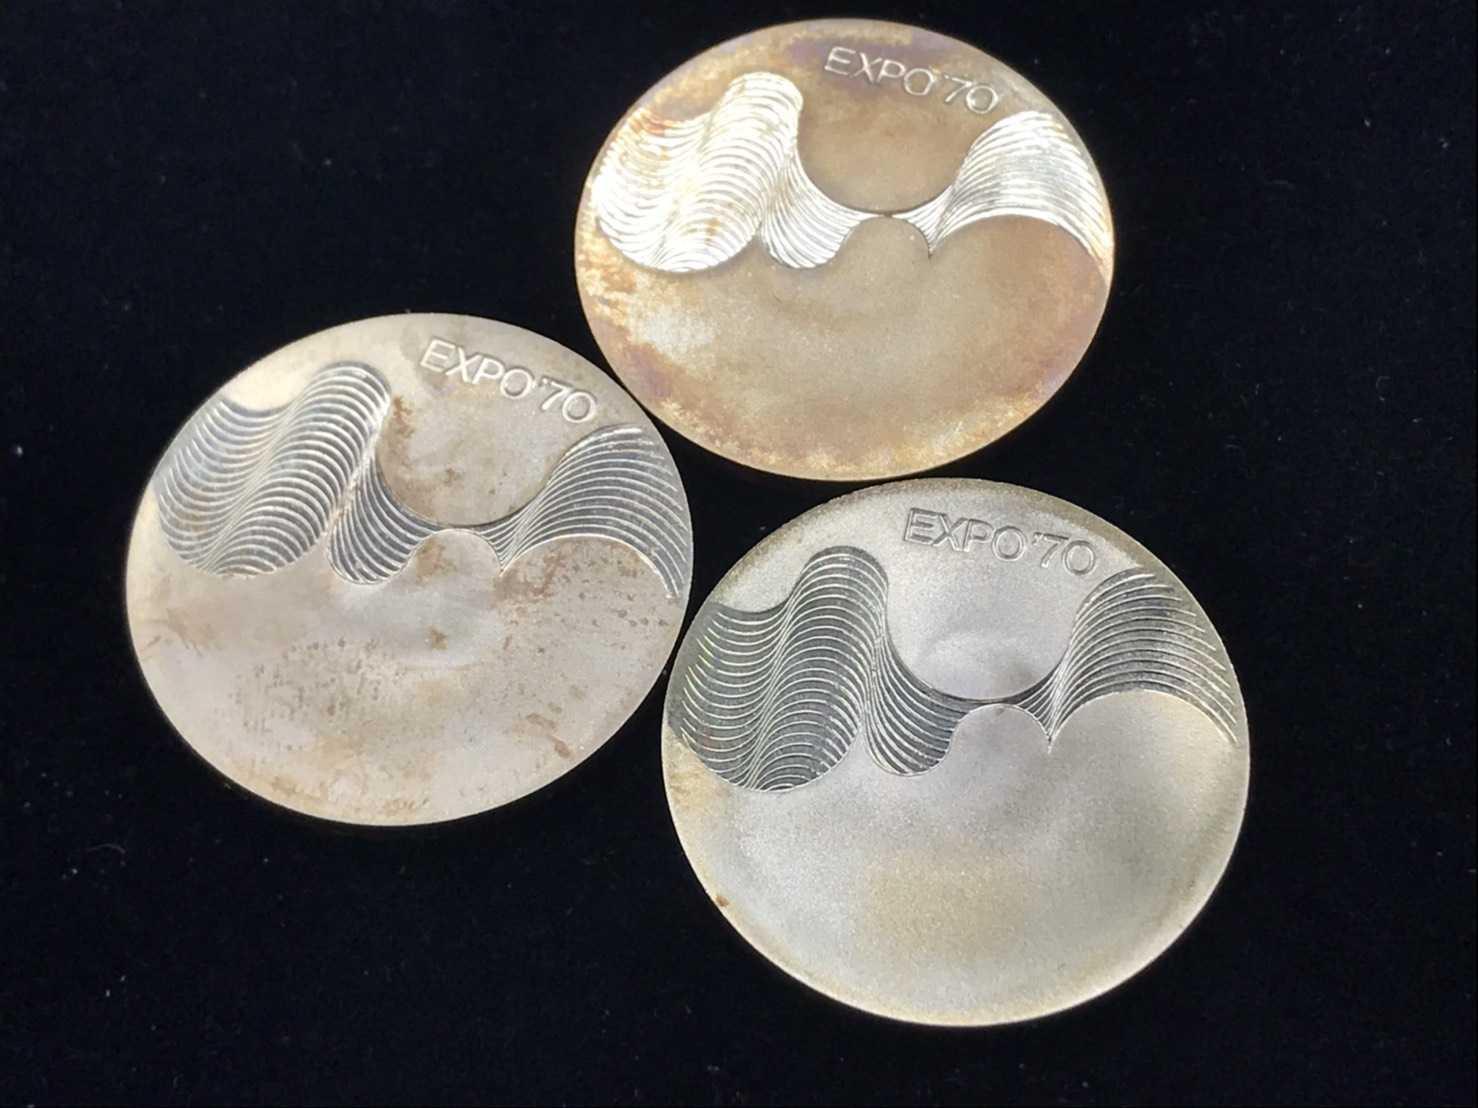 金買取 '70大阪万博記念コイン